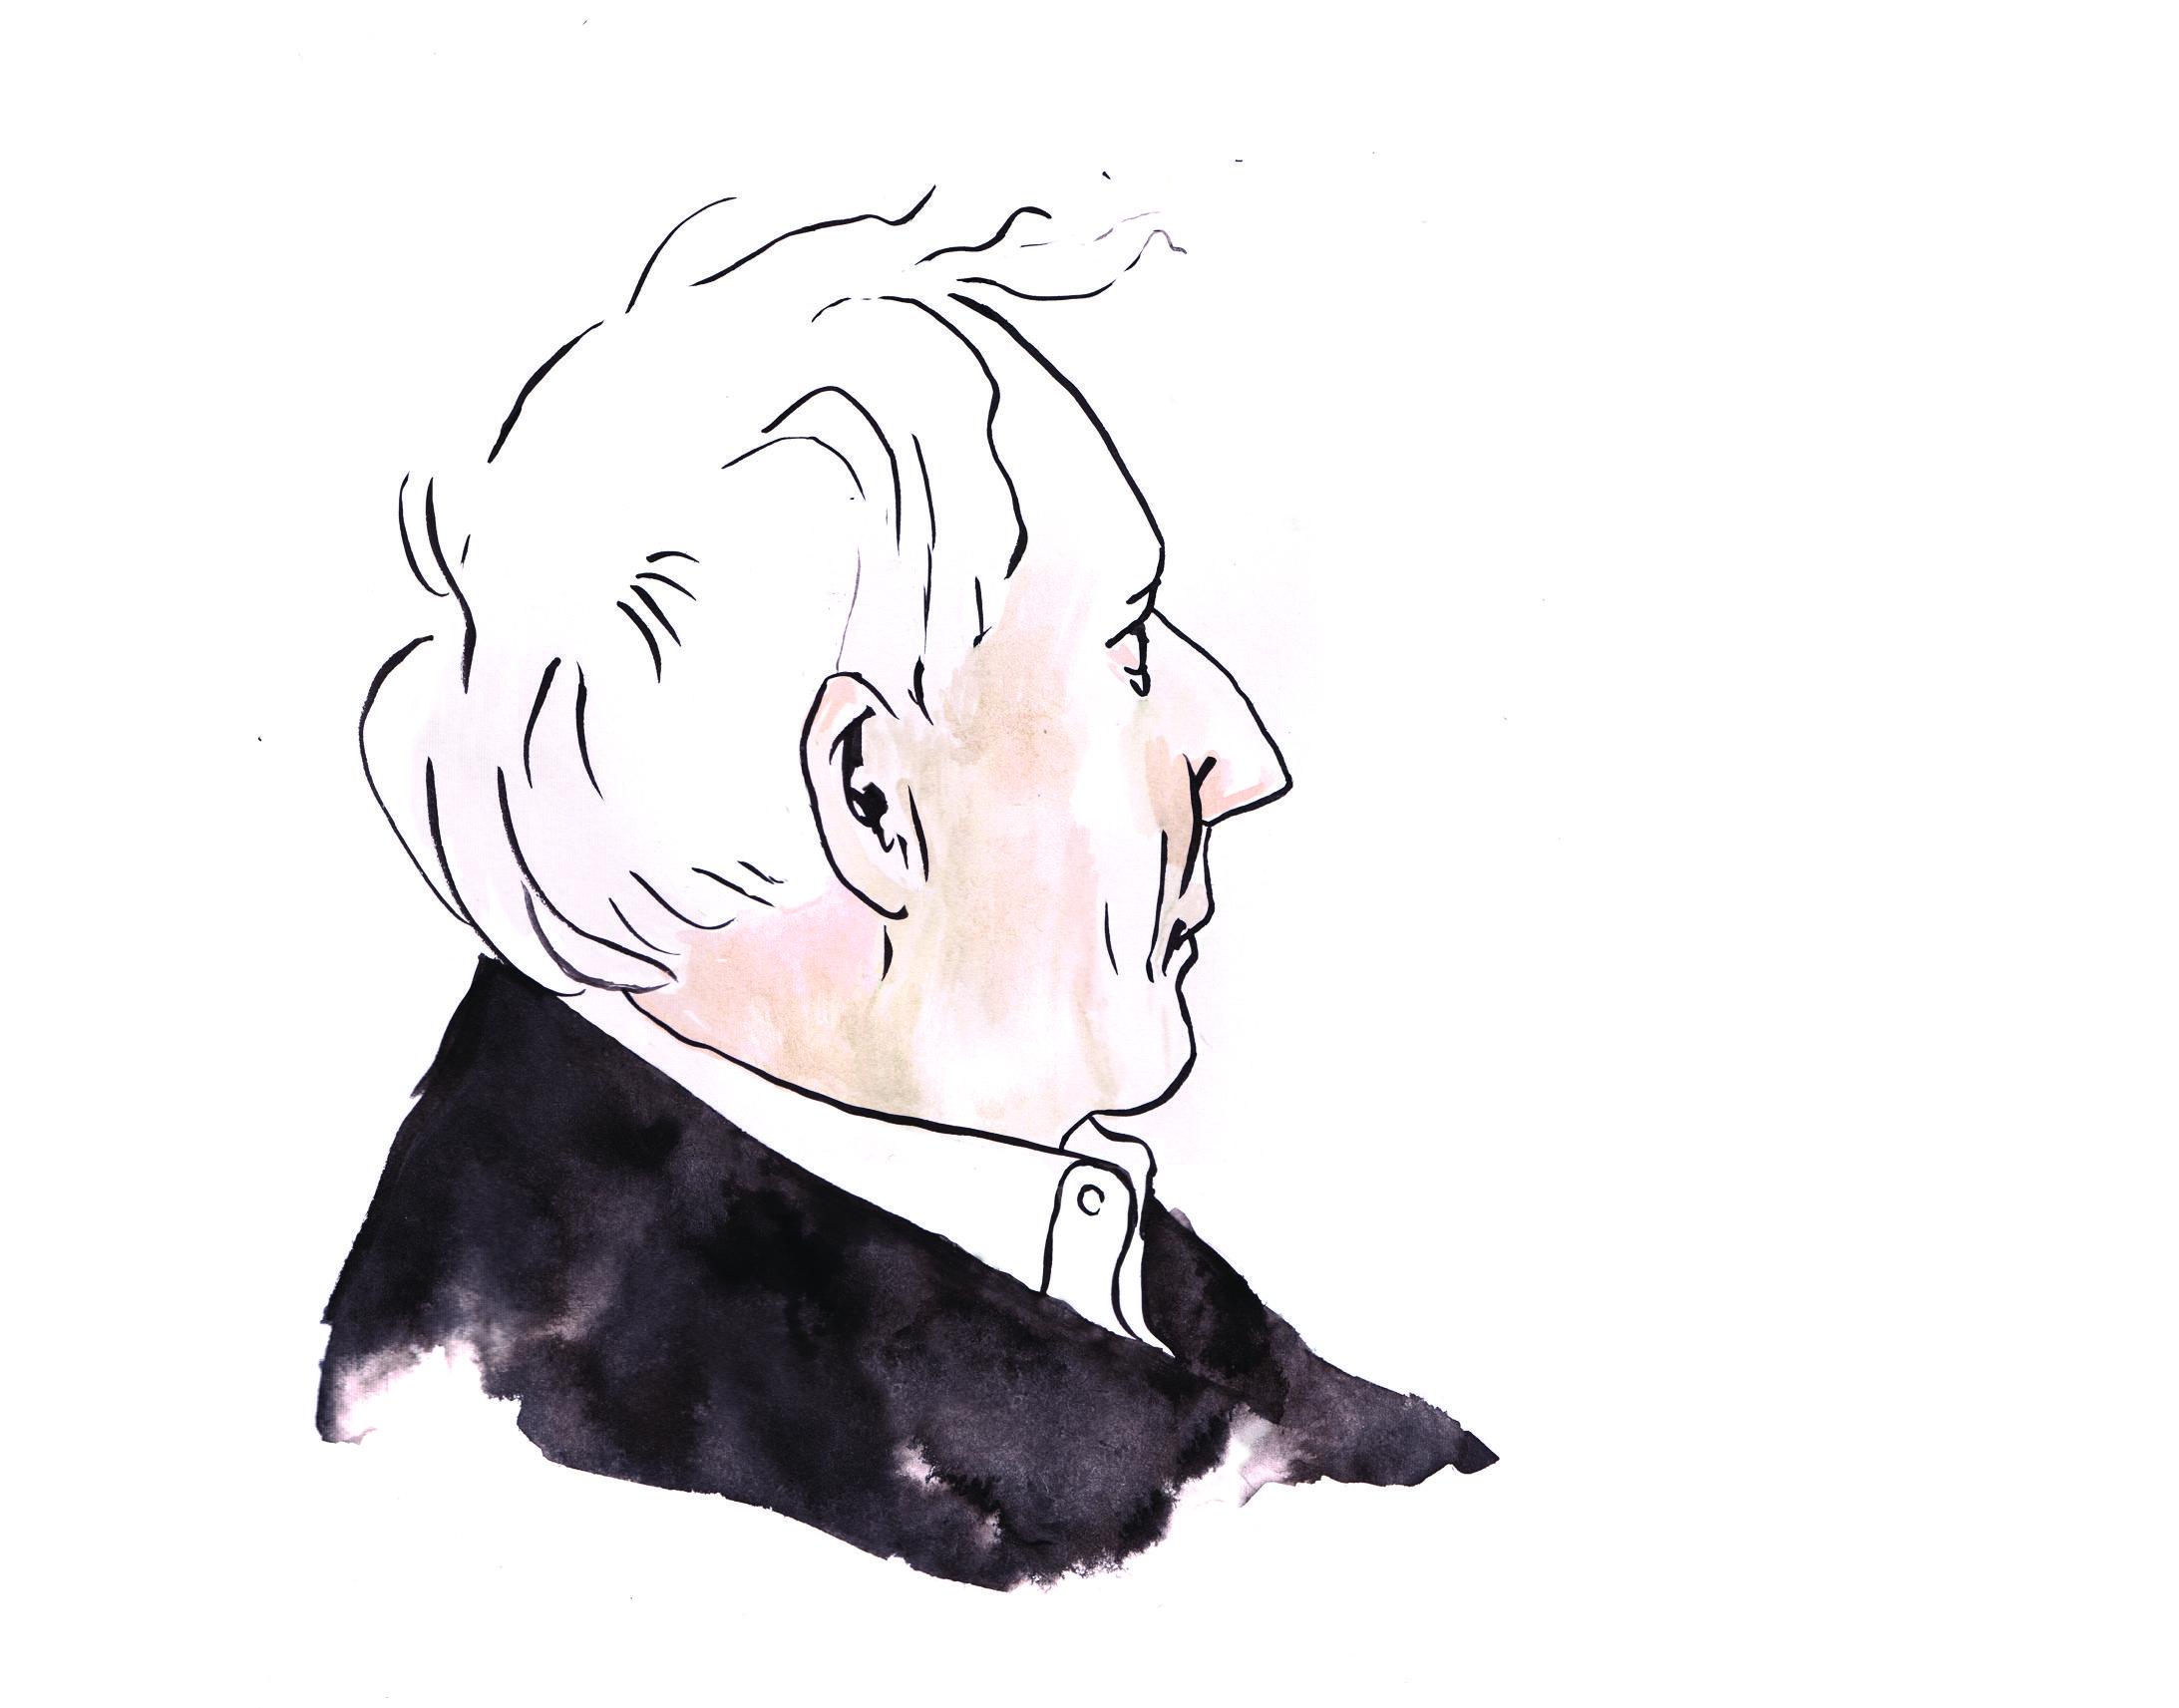 Tomas Tranströmer till Expressen | Illustration, Grejer